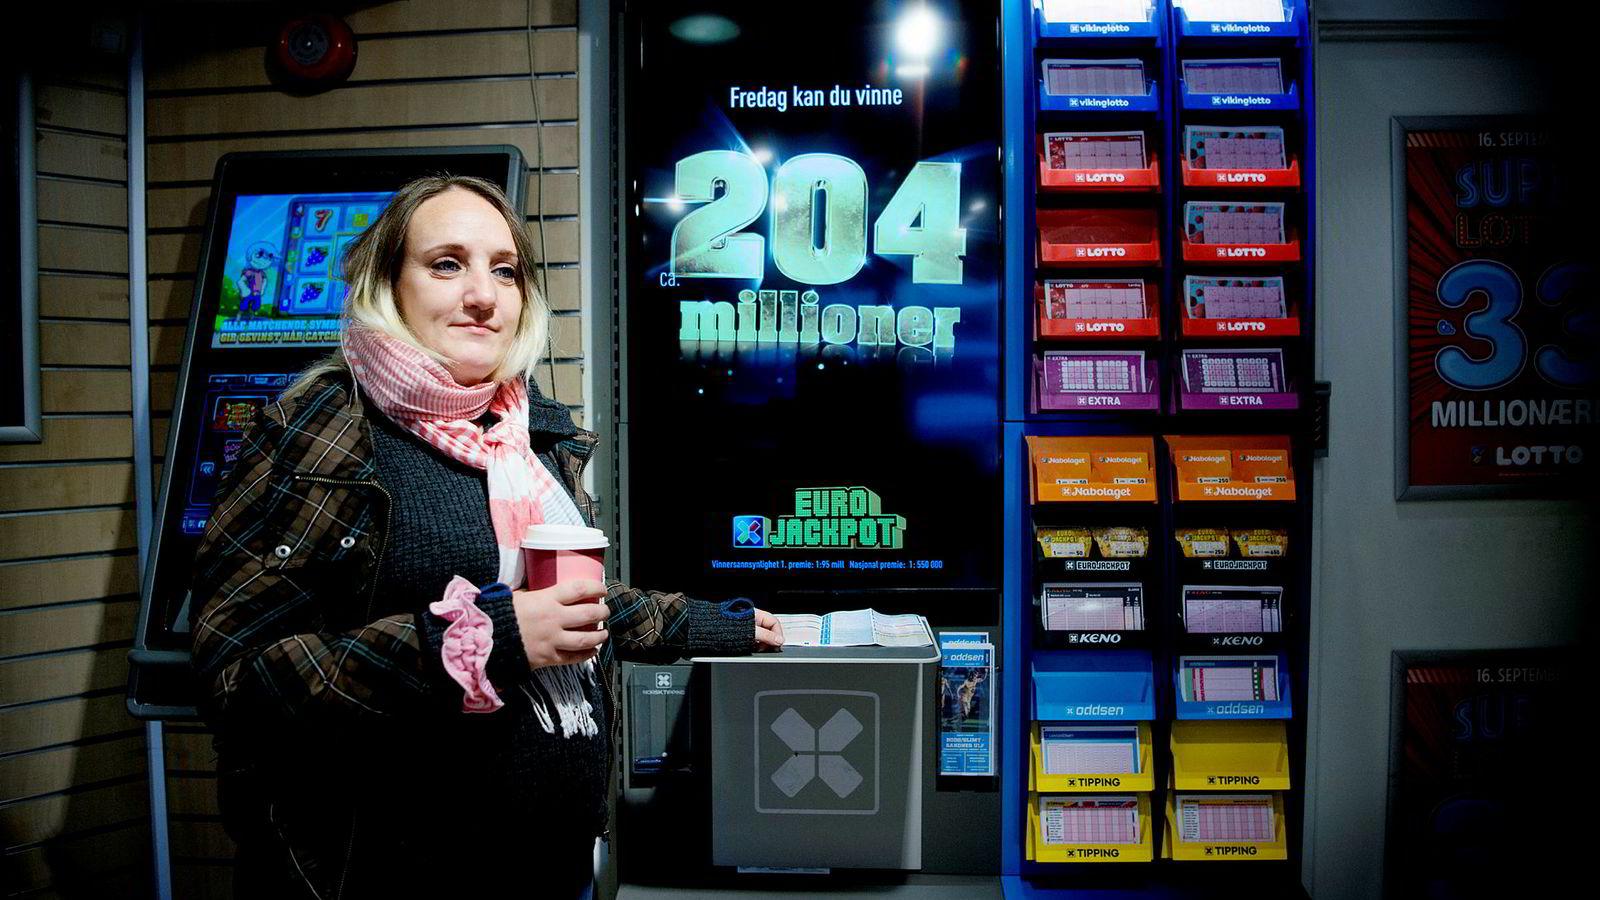 Anja Havrevold spiller Lotto med jevne mellomrom, men har ikke sansen for Norsk Tippings nettcasinospill automater. – Jeg har sett folk som taper så mye penger til det, sier hun.